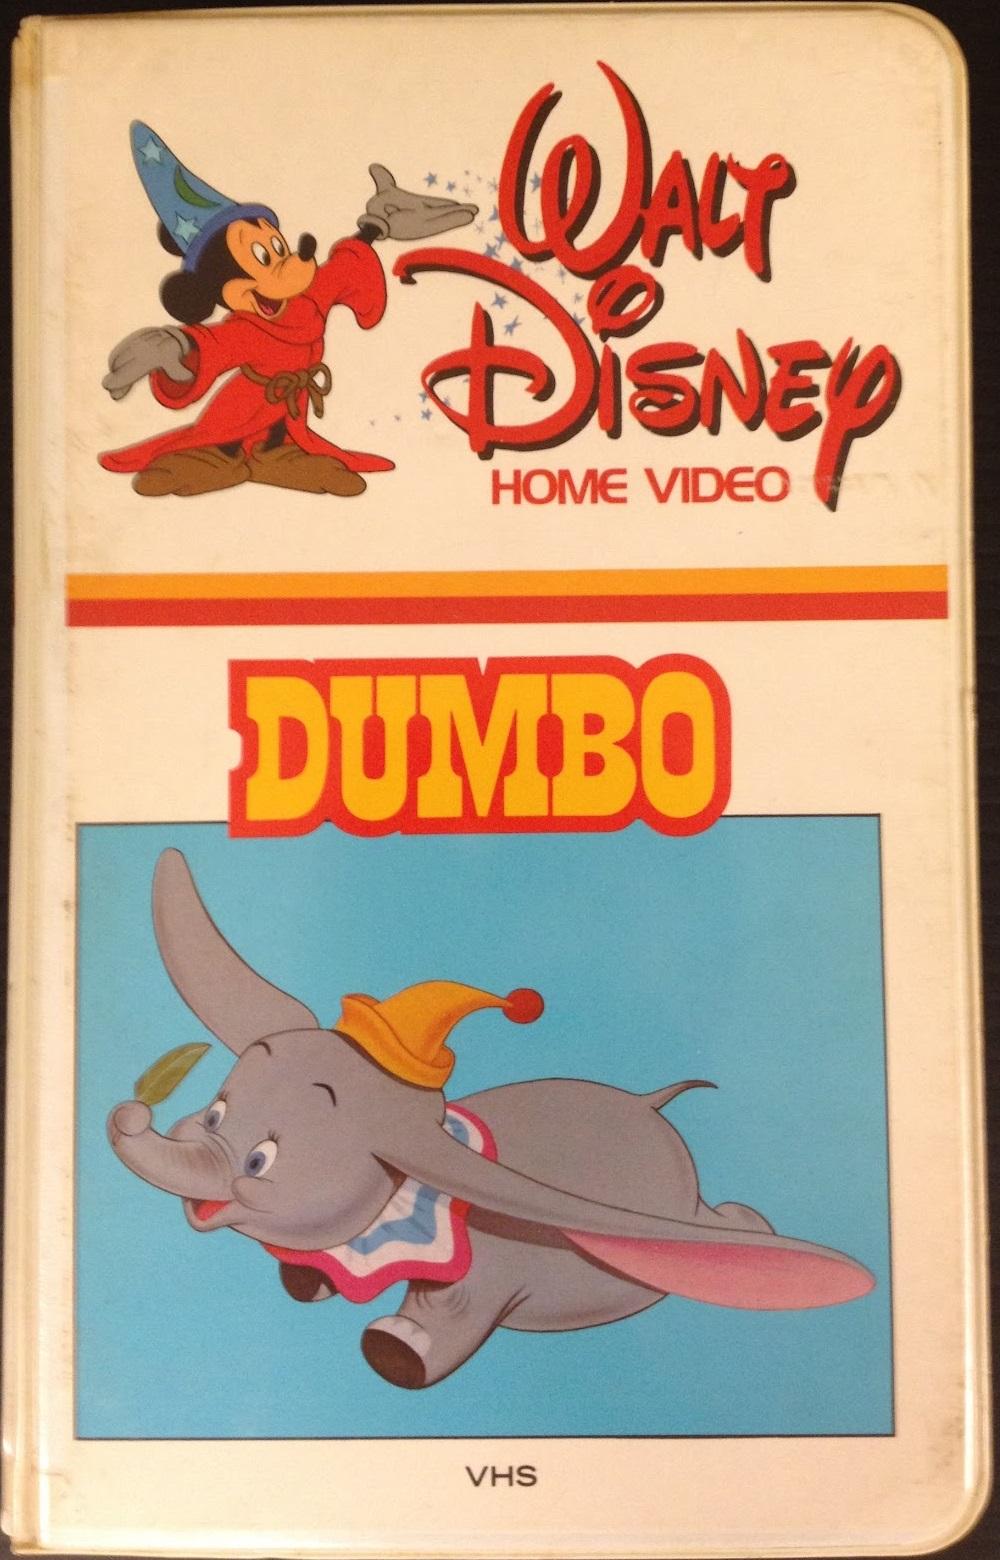 1981 Dumbo VHS.jpg